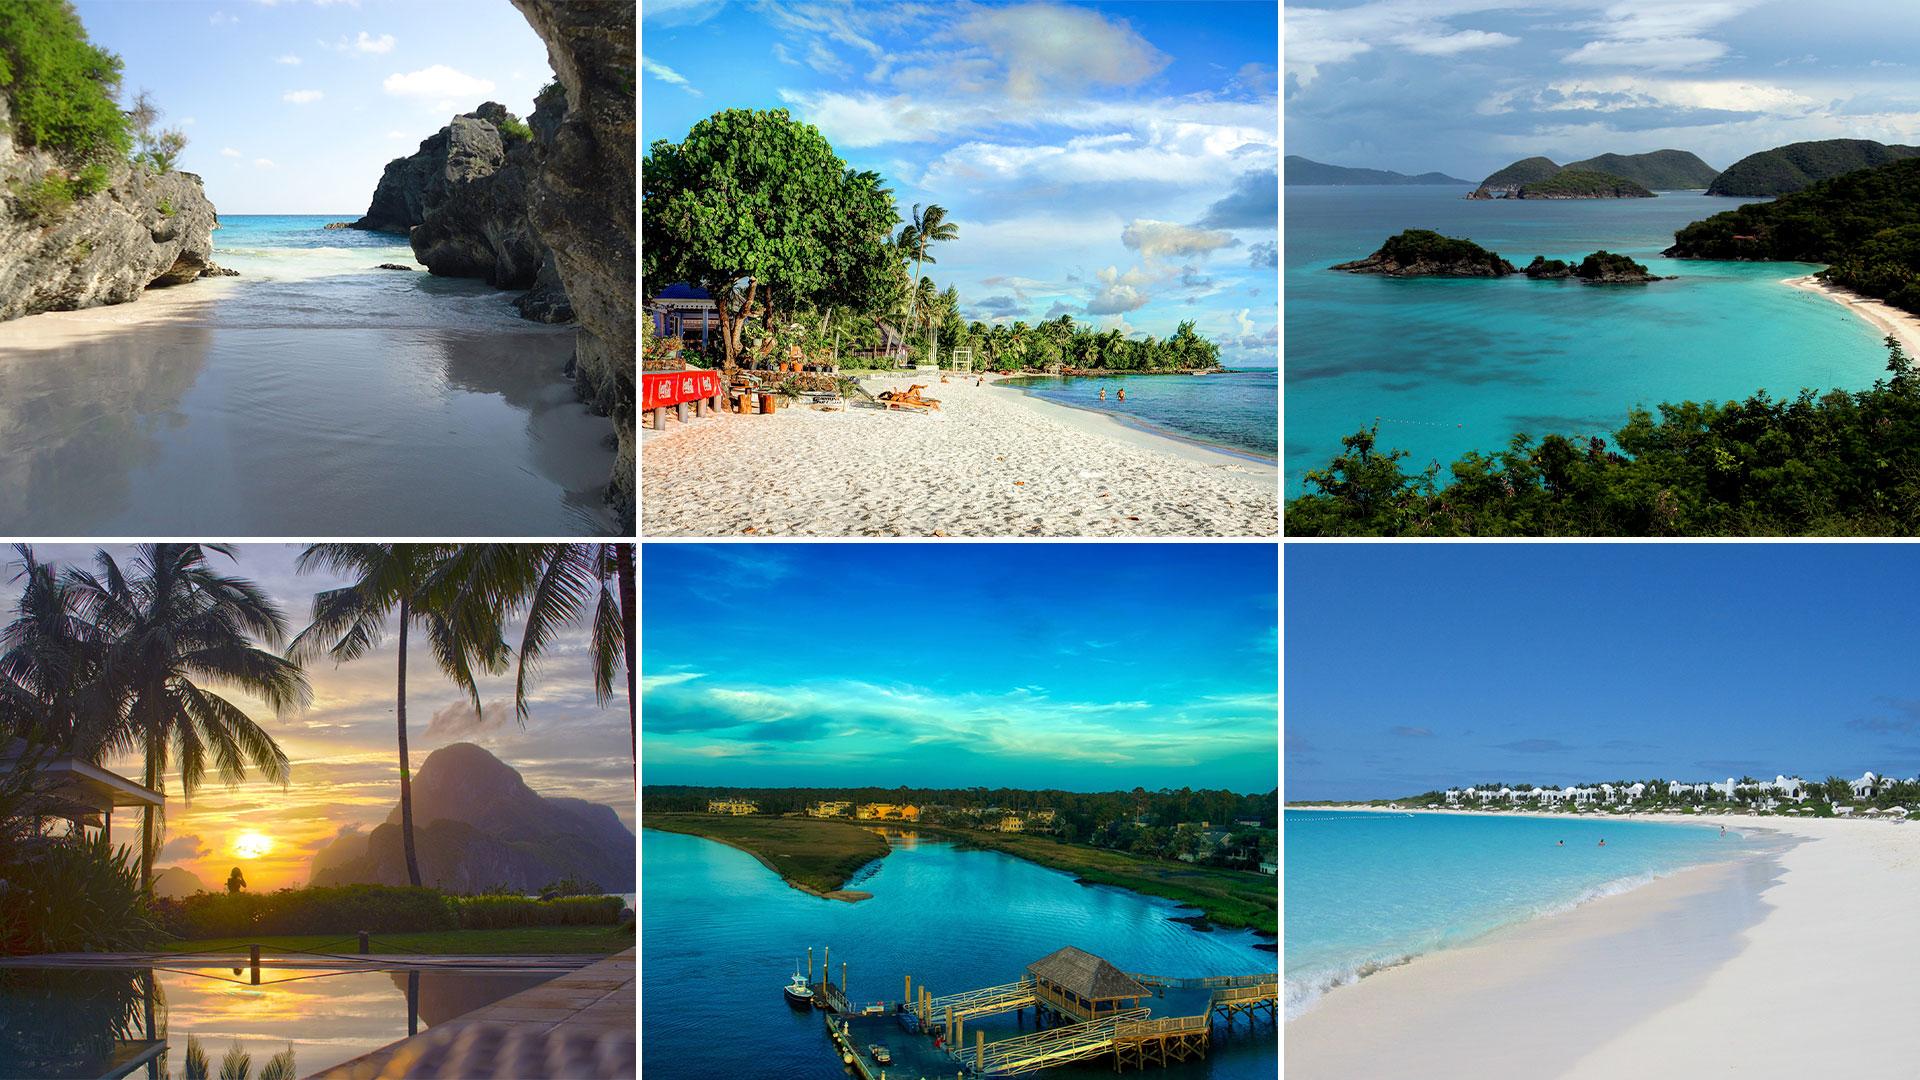 Las mejores playas isleñas según los lectores de la prestigiosa revista de turismo Condé Nast Traveler